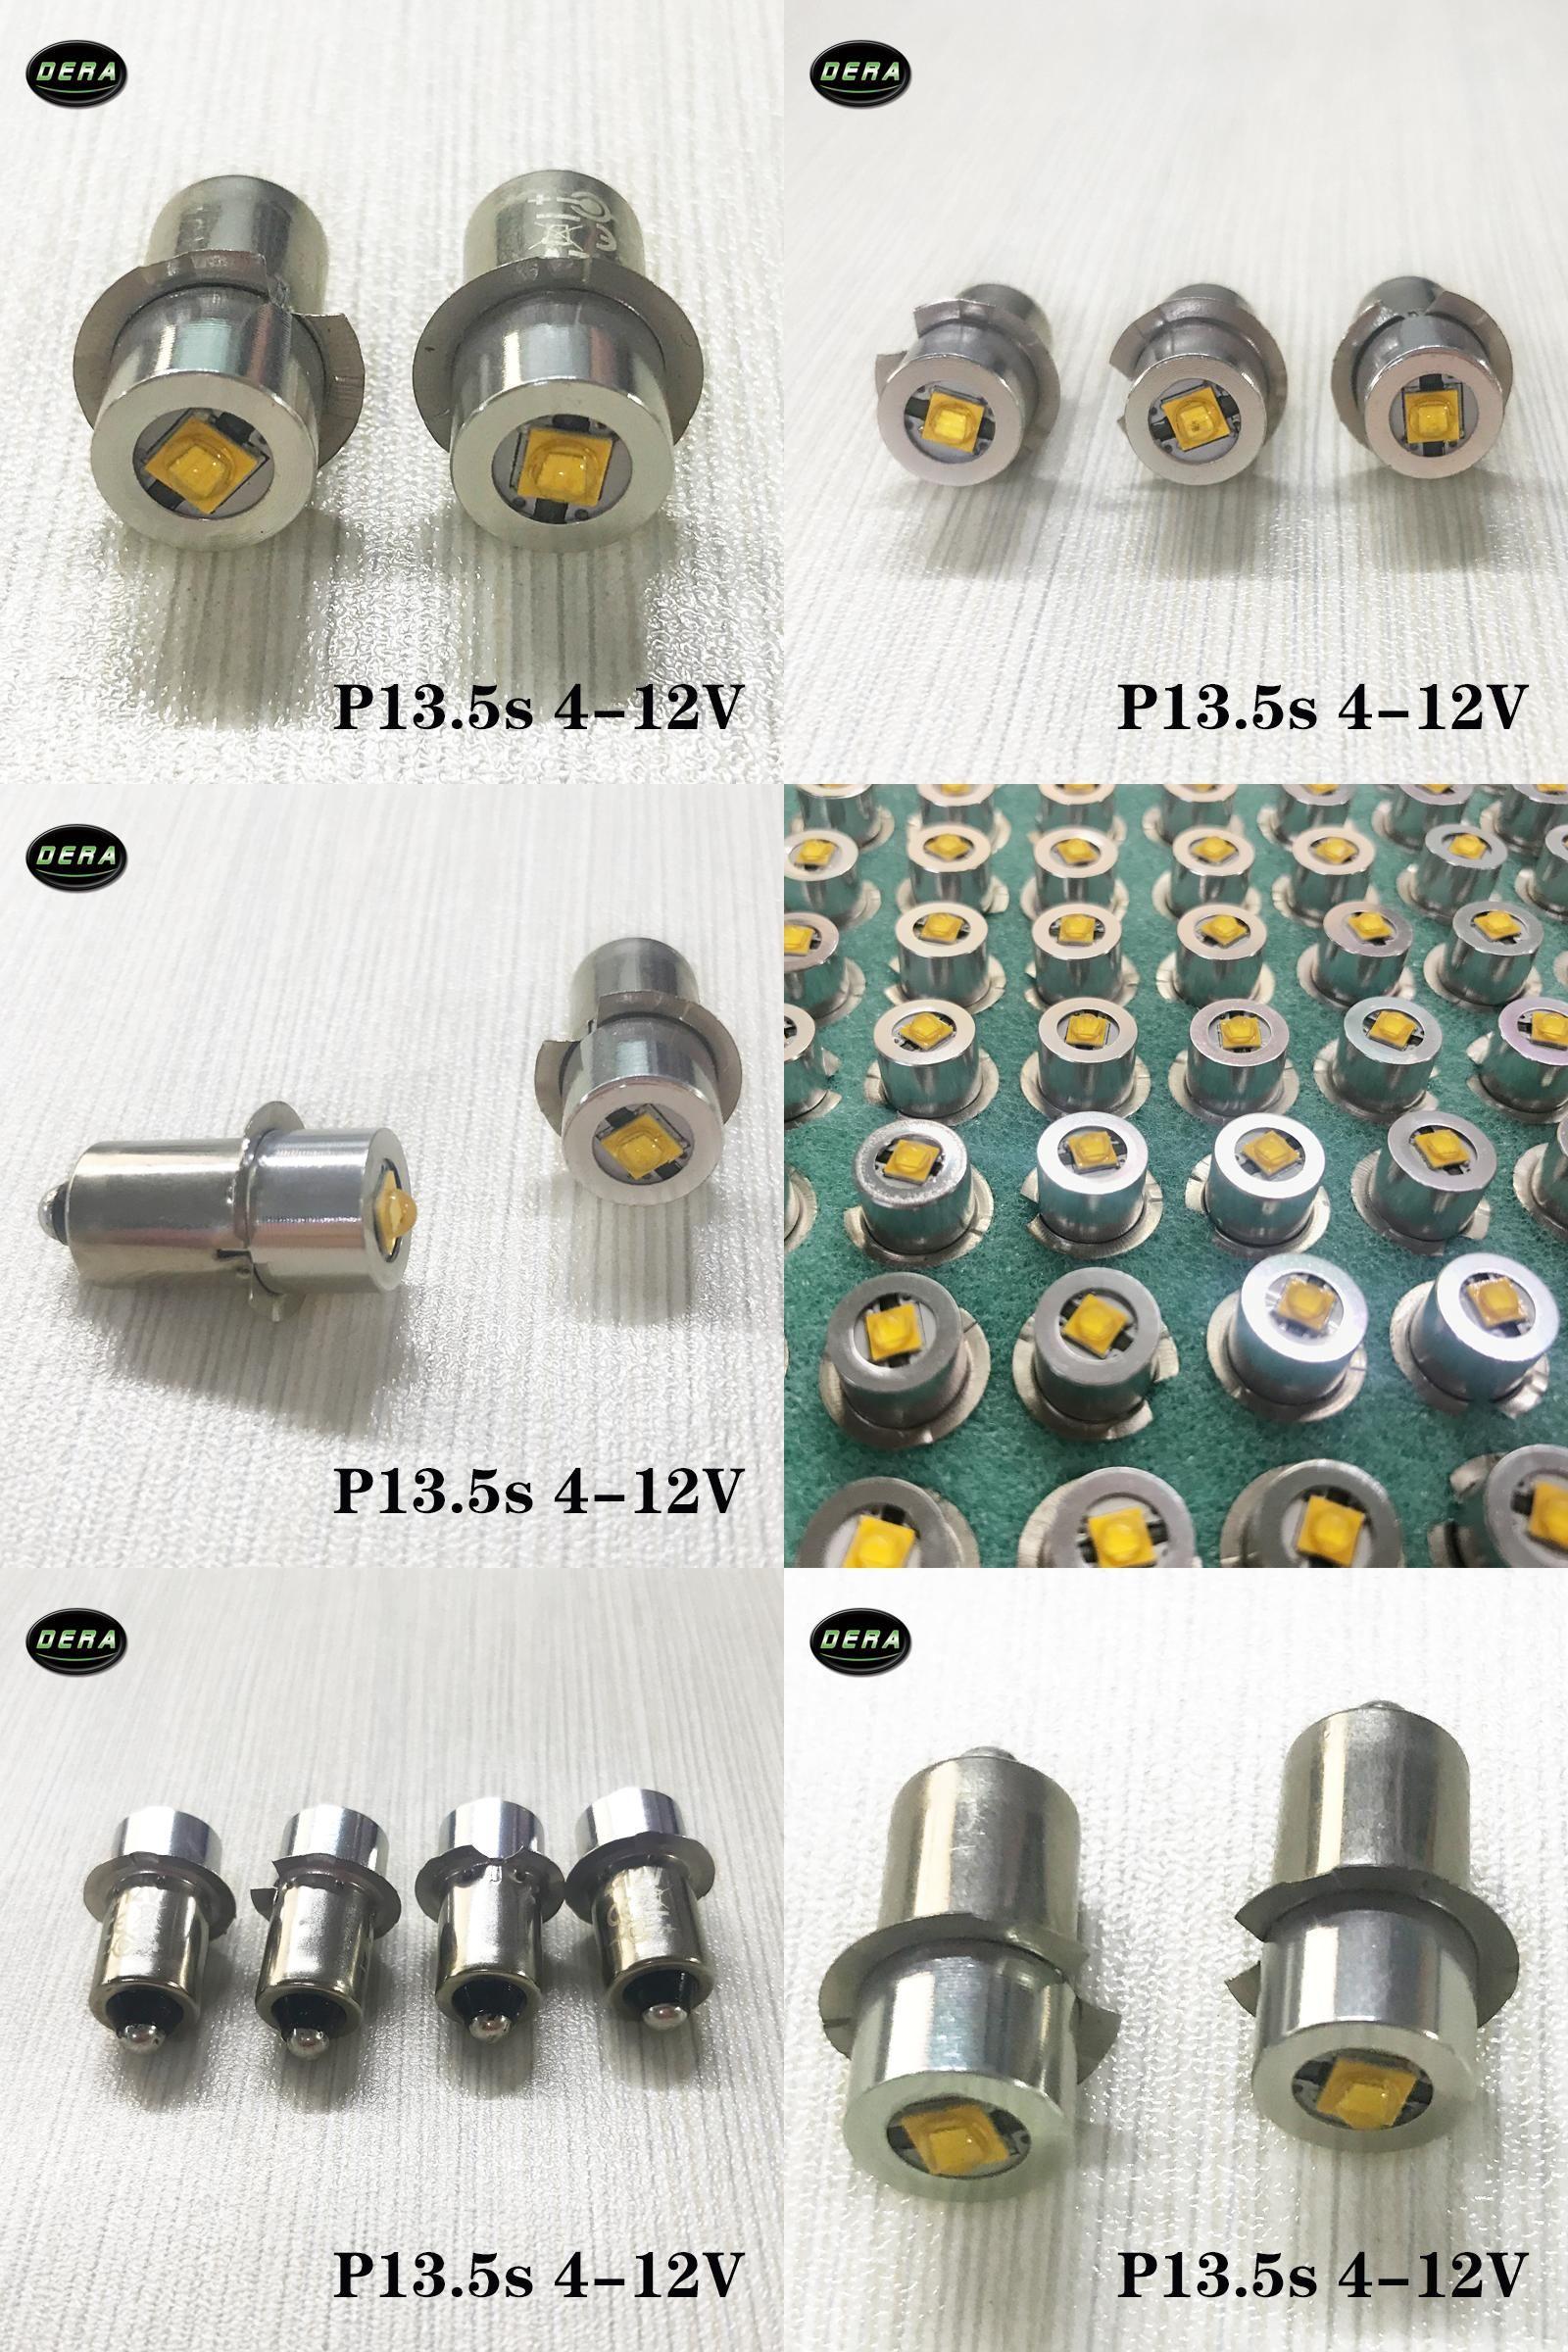 383120ee0845bbbaf8d1ed3684e50e66 Luxus Led Lampe 3 Watt Dekorationen